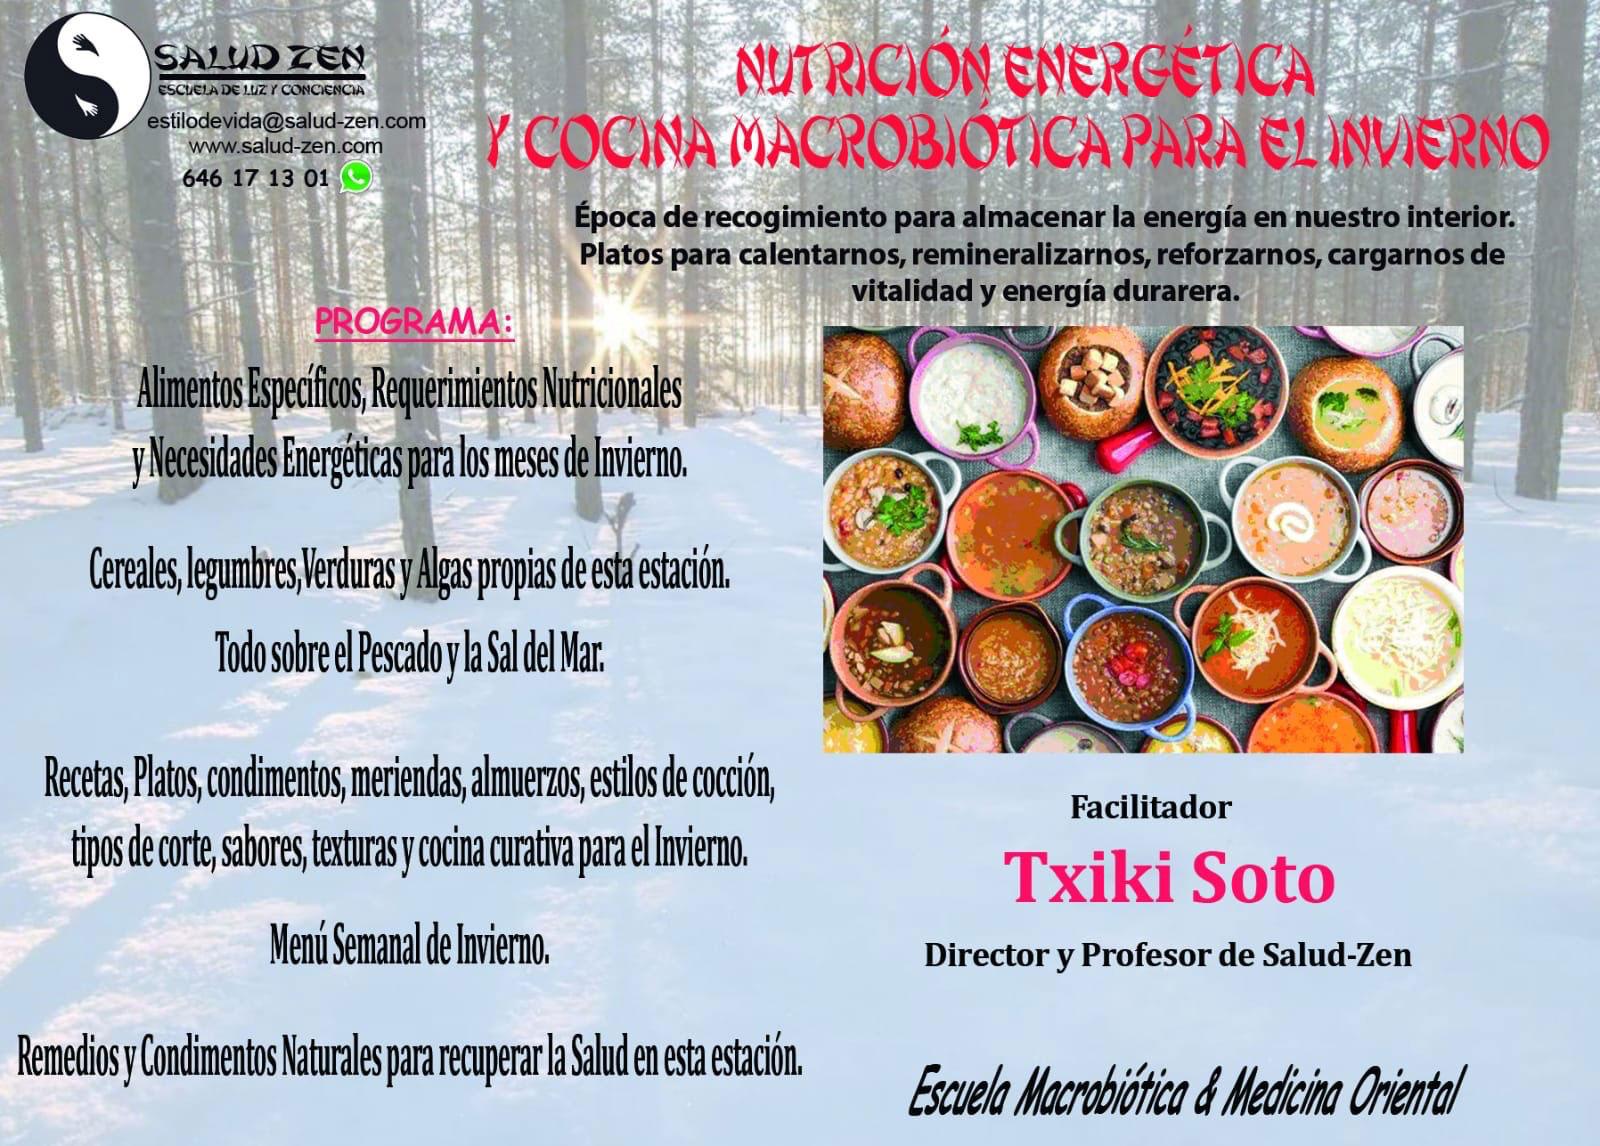 Nutrición Energética y Cocina Macrobiótica para el Invierno